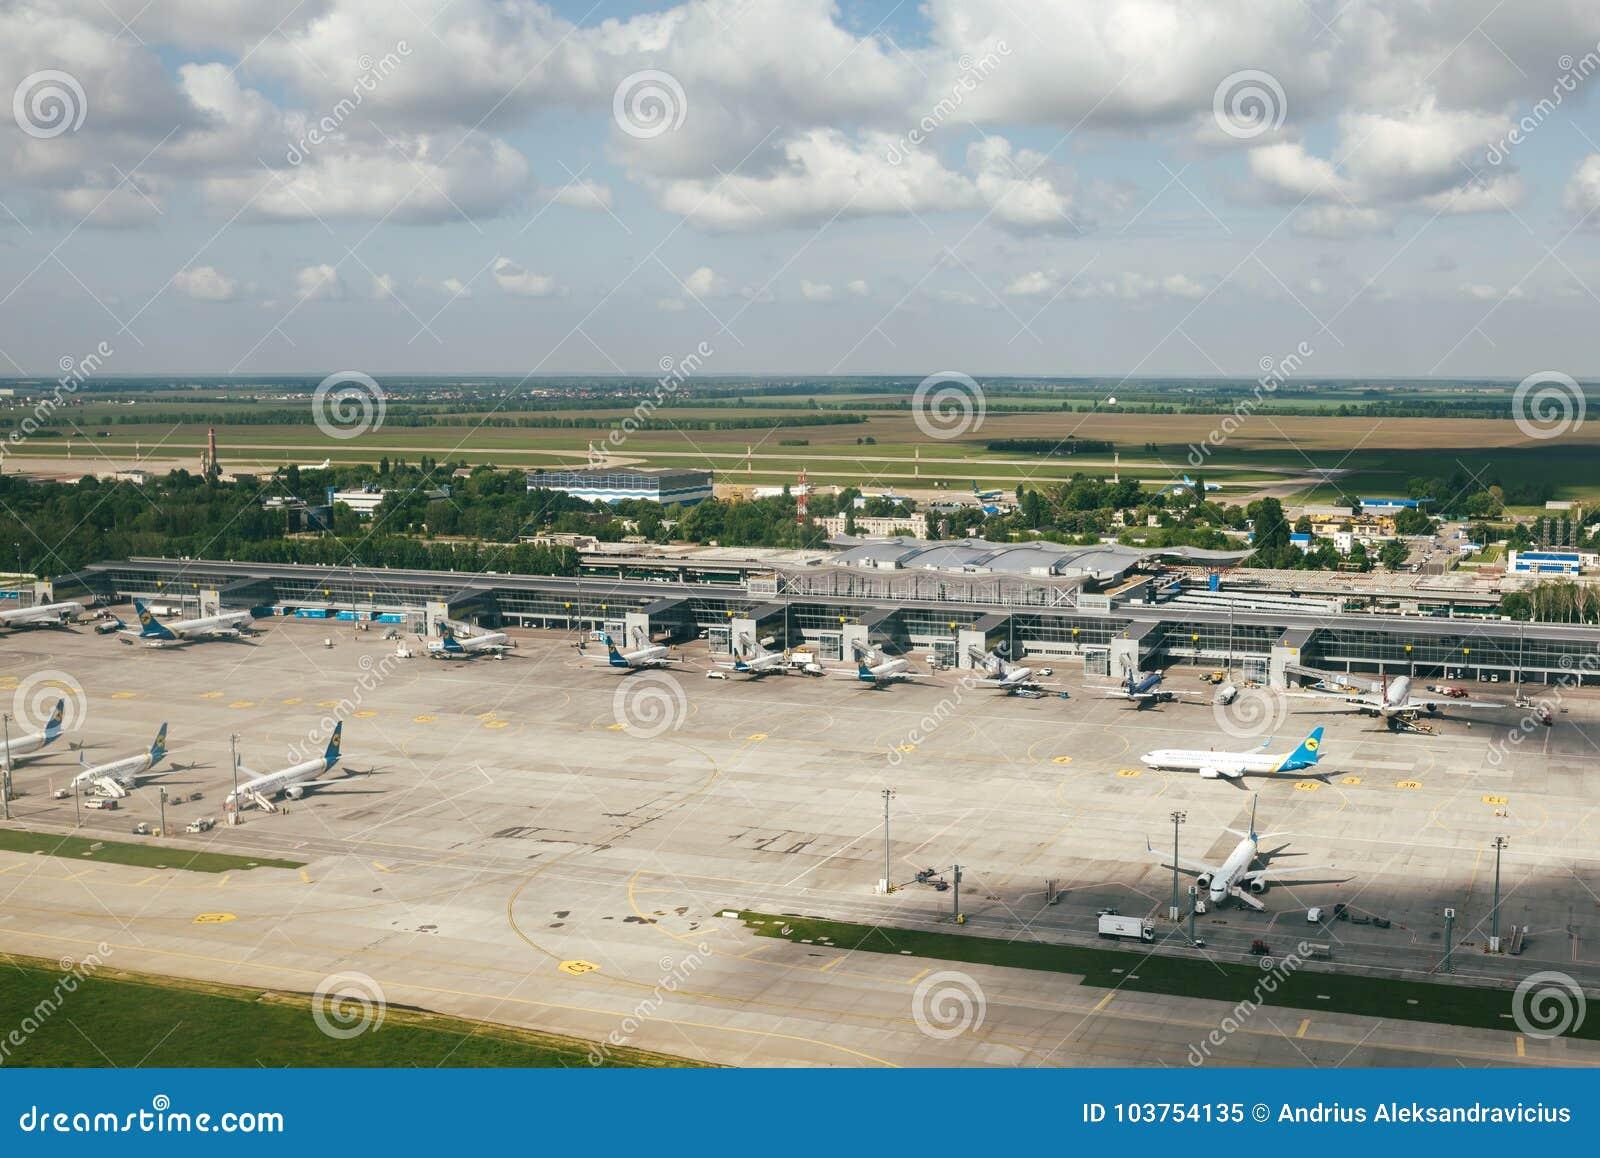 Aeroporto Kiev : Kiev boryspil airport editorial image image of airport